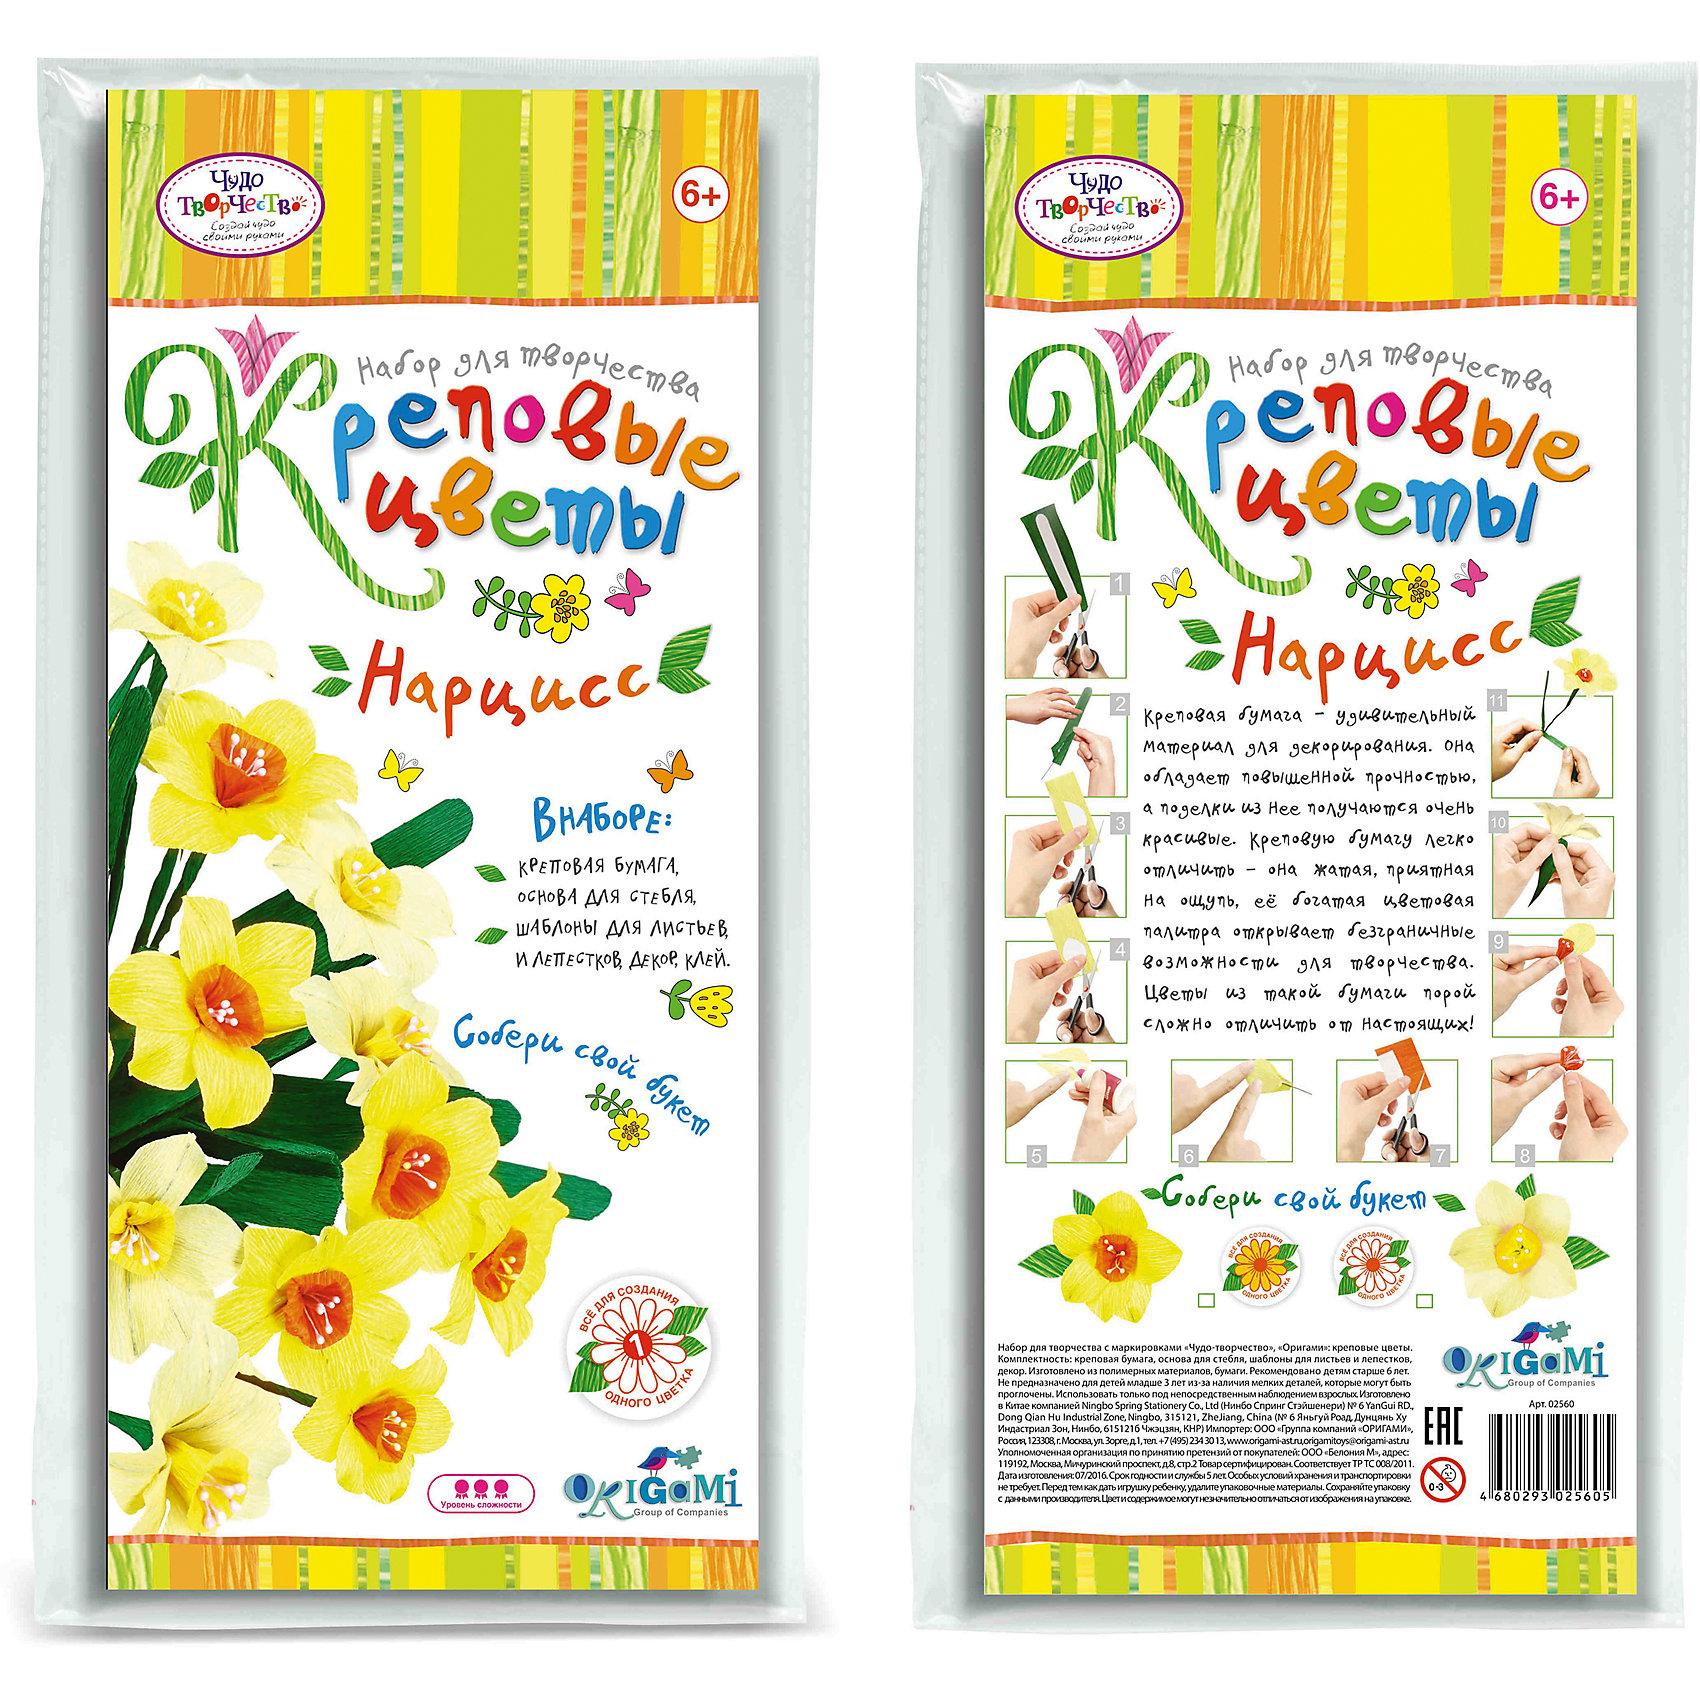 Чудо-Творчество Креповые цветы своими руками Нарцисc 2 цвета в ассортименте